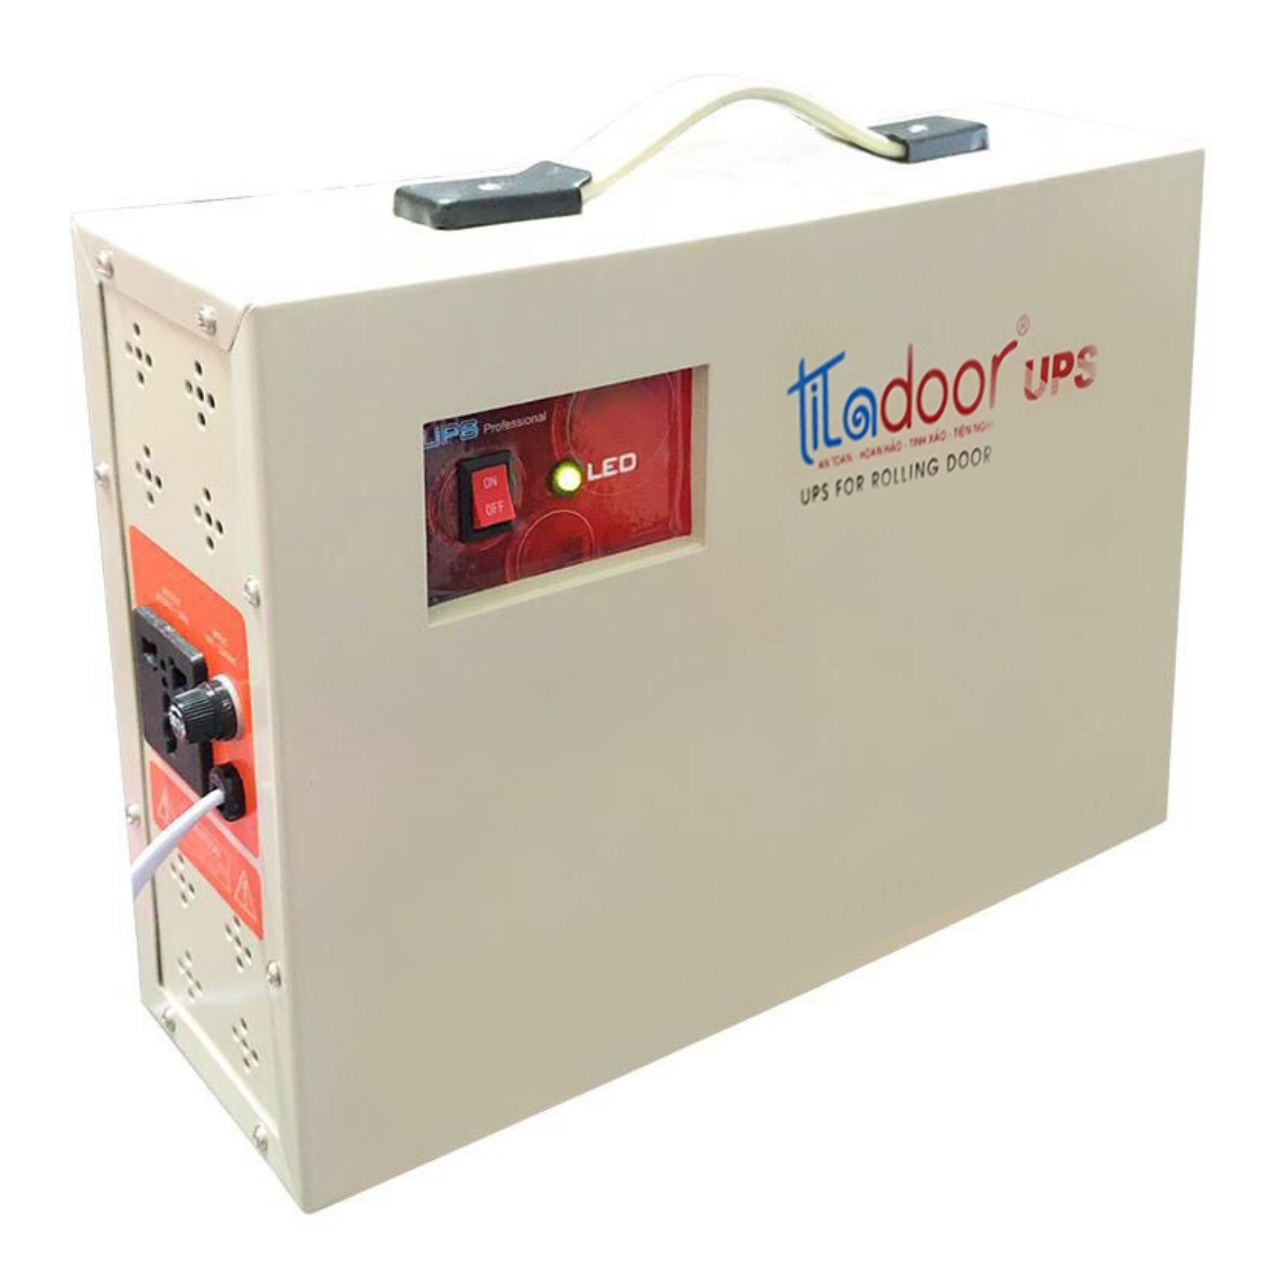 bình lưu điện cửa cuốn Titadoor TU8